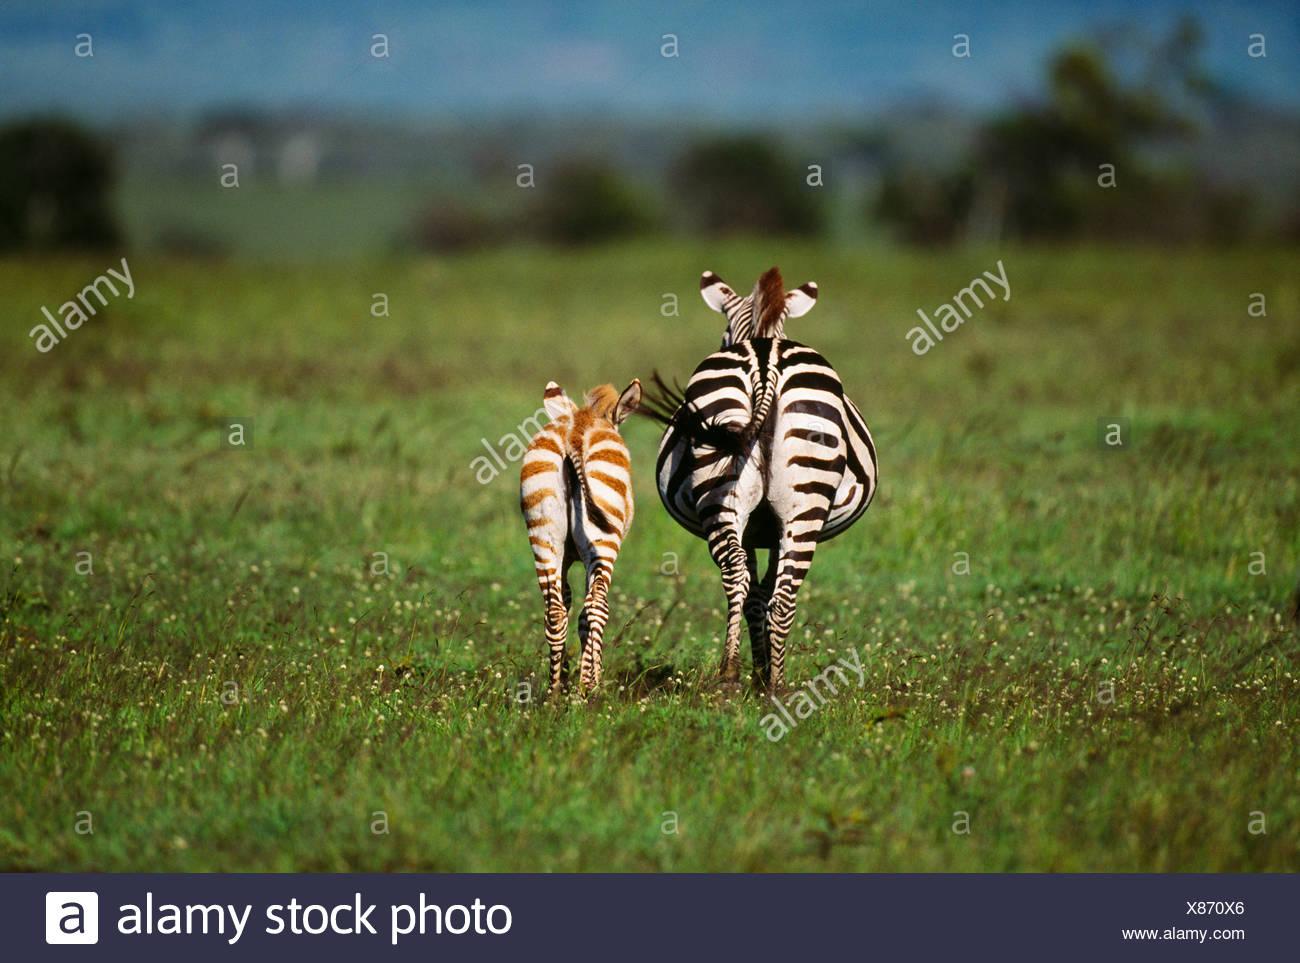 Grant's zebra and foal, Amboseli National Park, Kenya - Stock Image